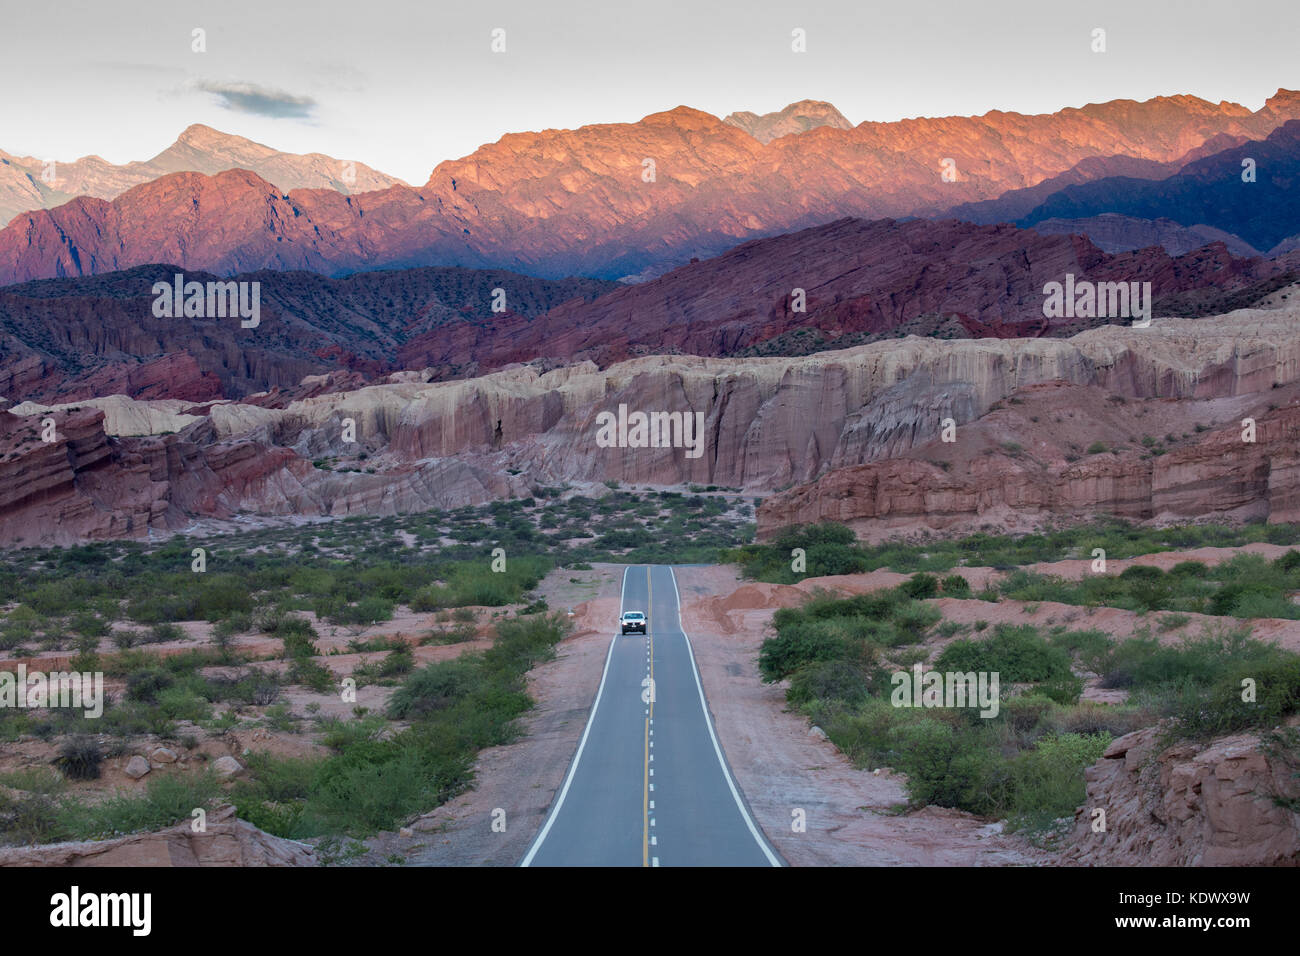 Une voiture sur la route à la Quebrada de la Conches, Valles Calchaquies, la province de Salta, Argentine Banque D'Images